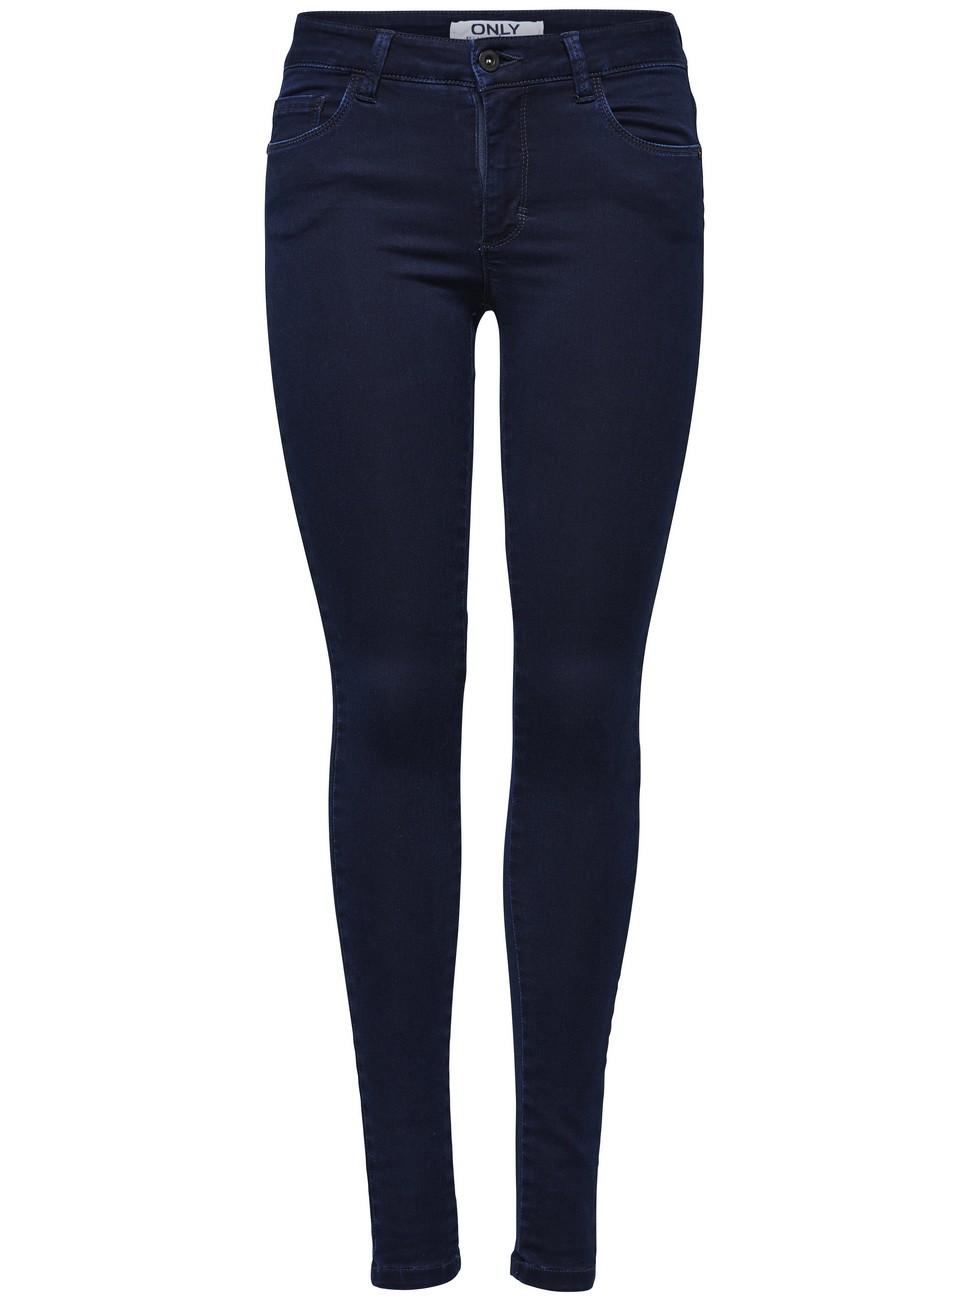 Blaue skinny jeans damen